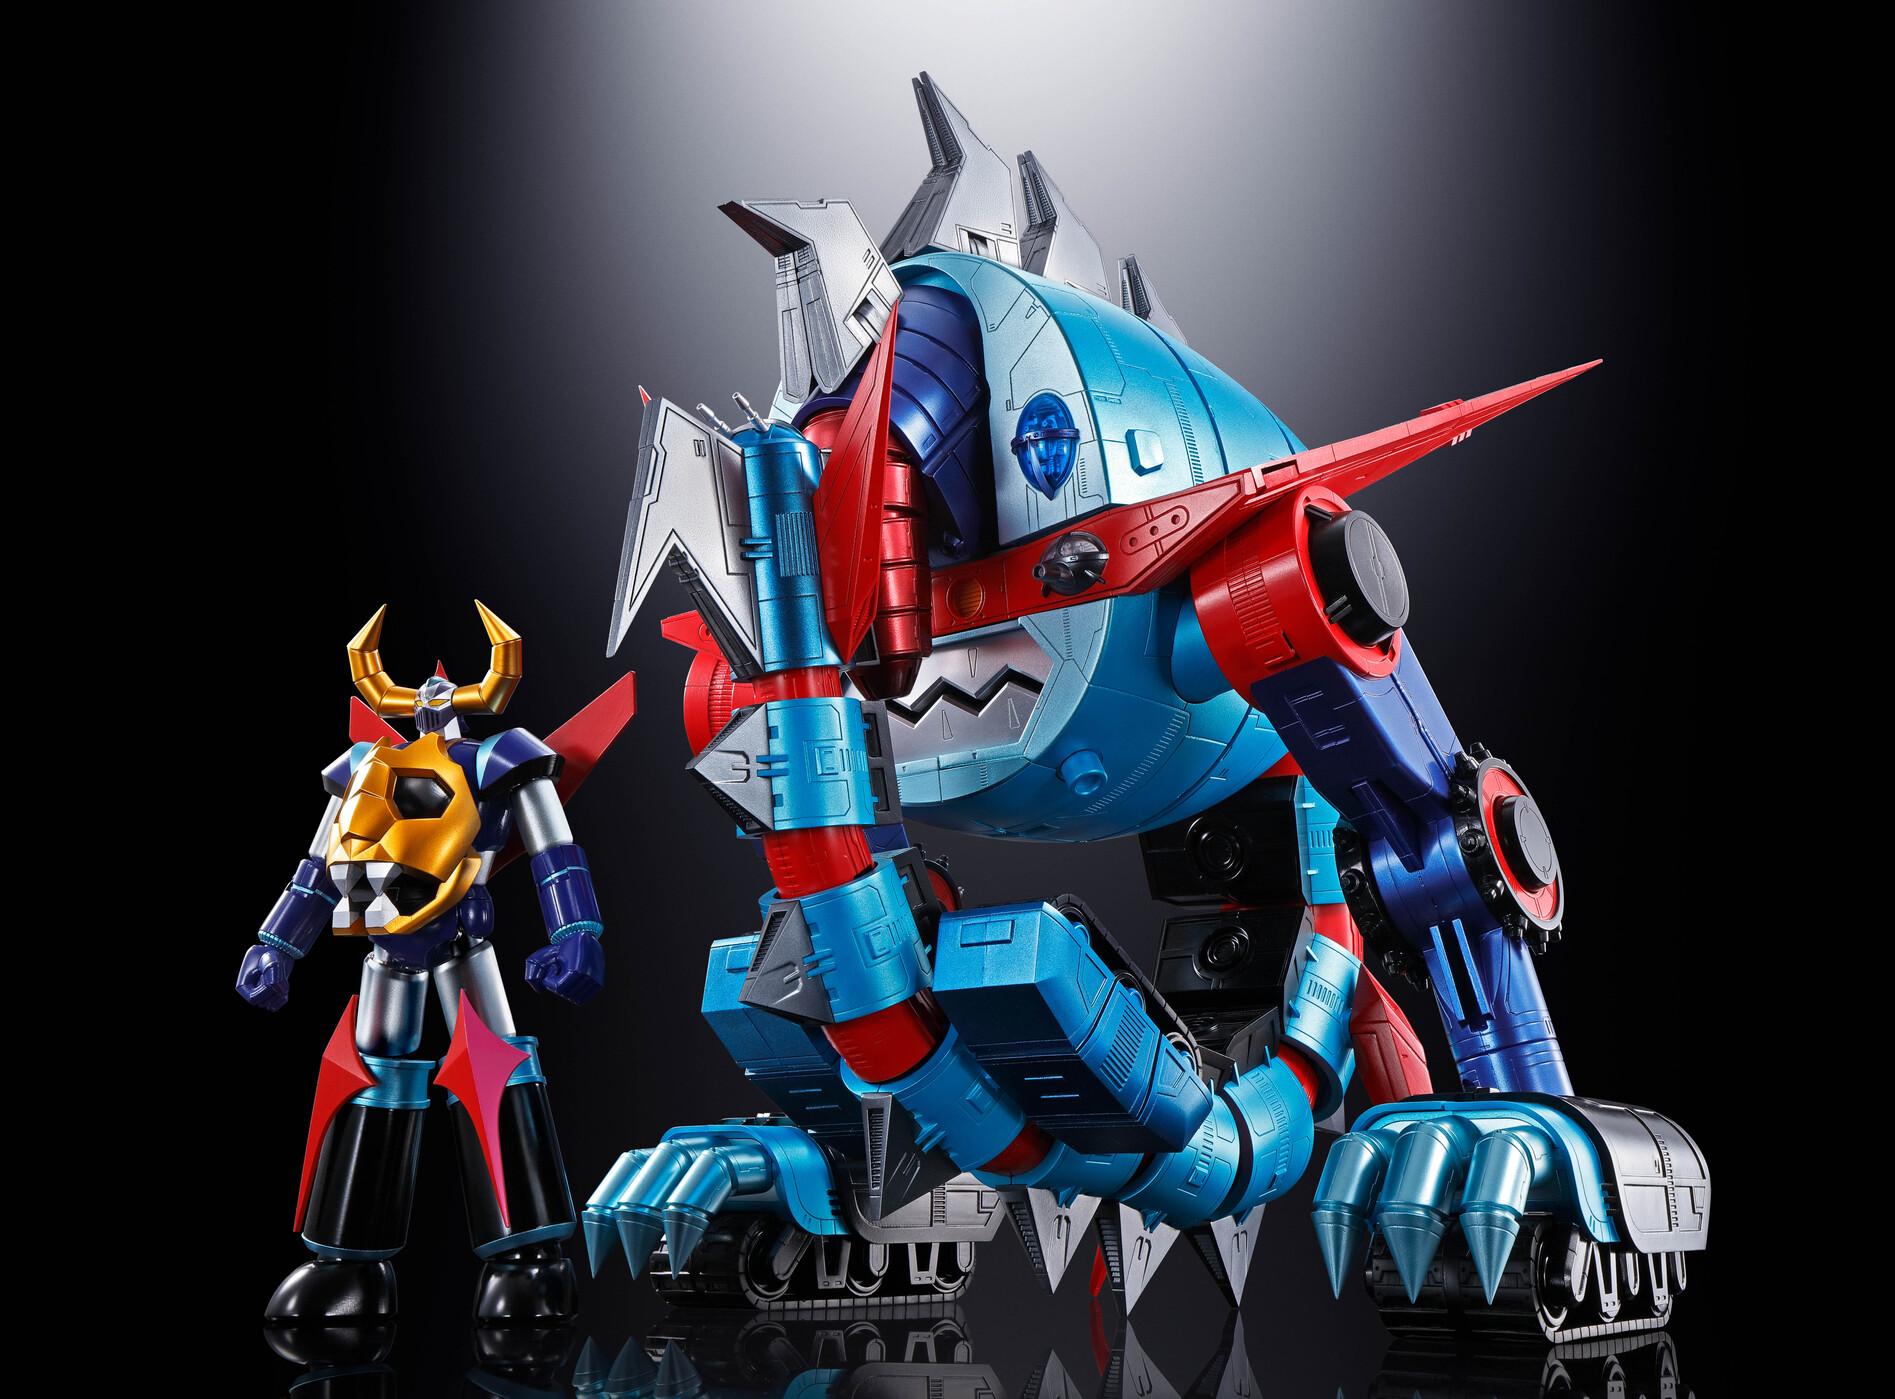 Figurine Soul of Chogokin GX-100 Gaiking & Daiku Maryu Bandai 17-75cm